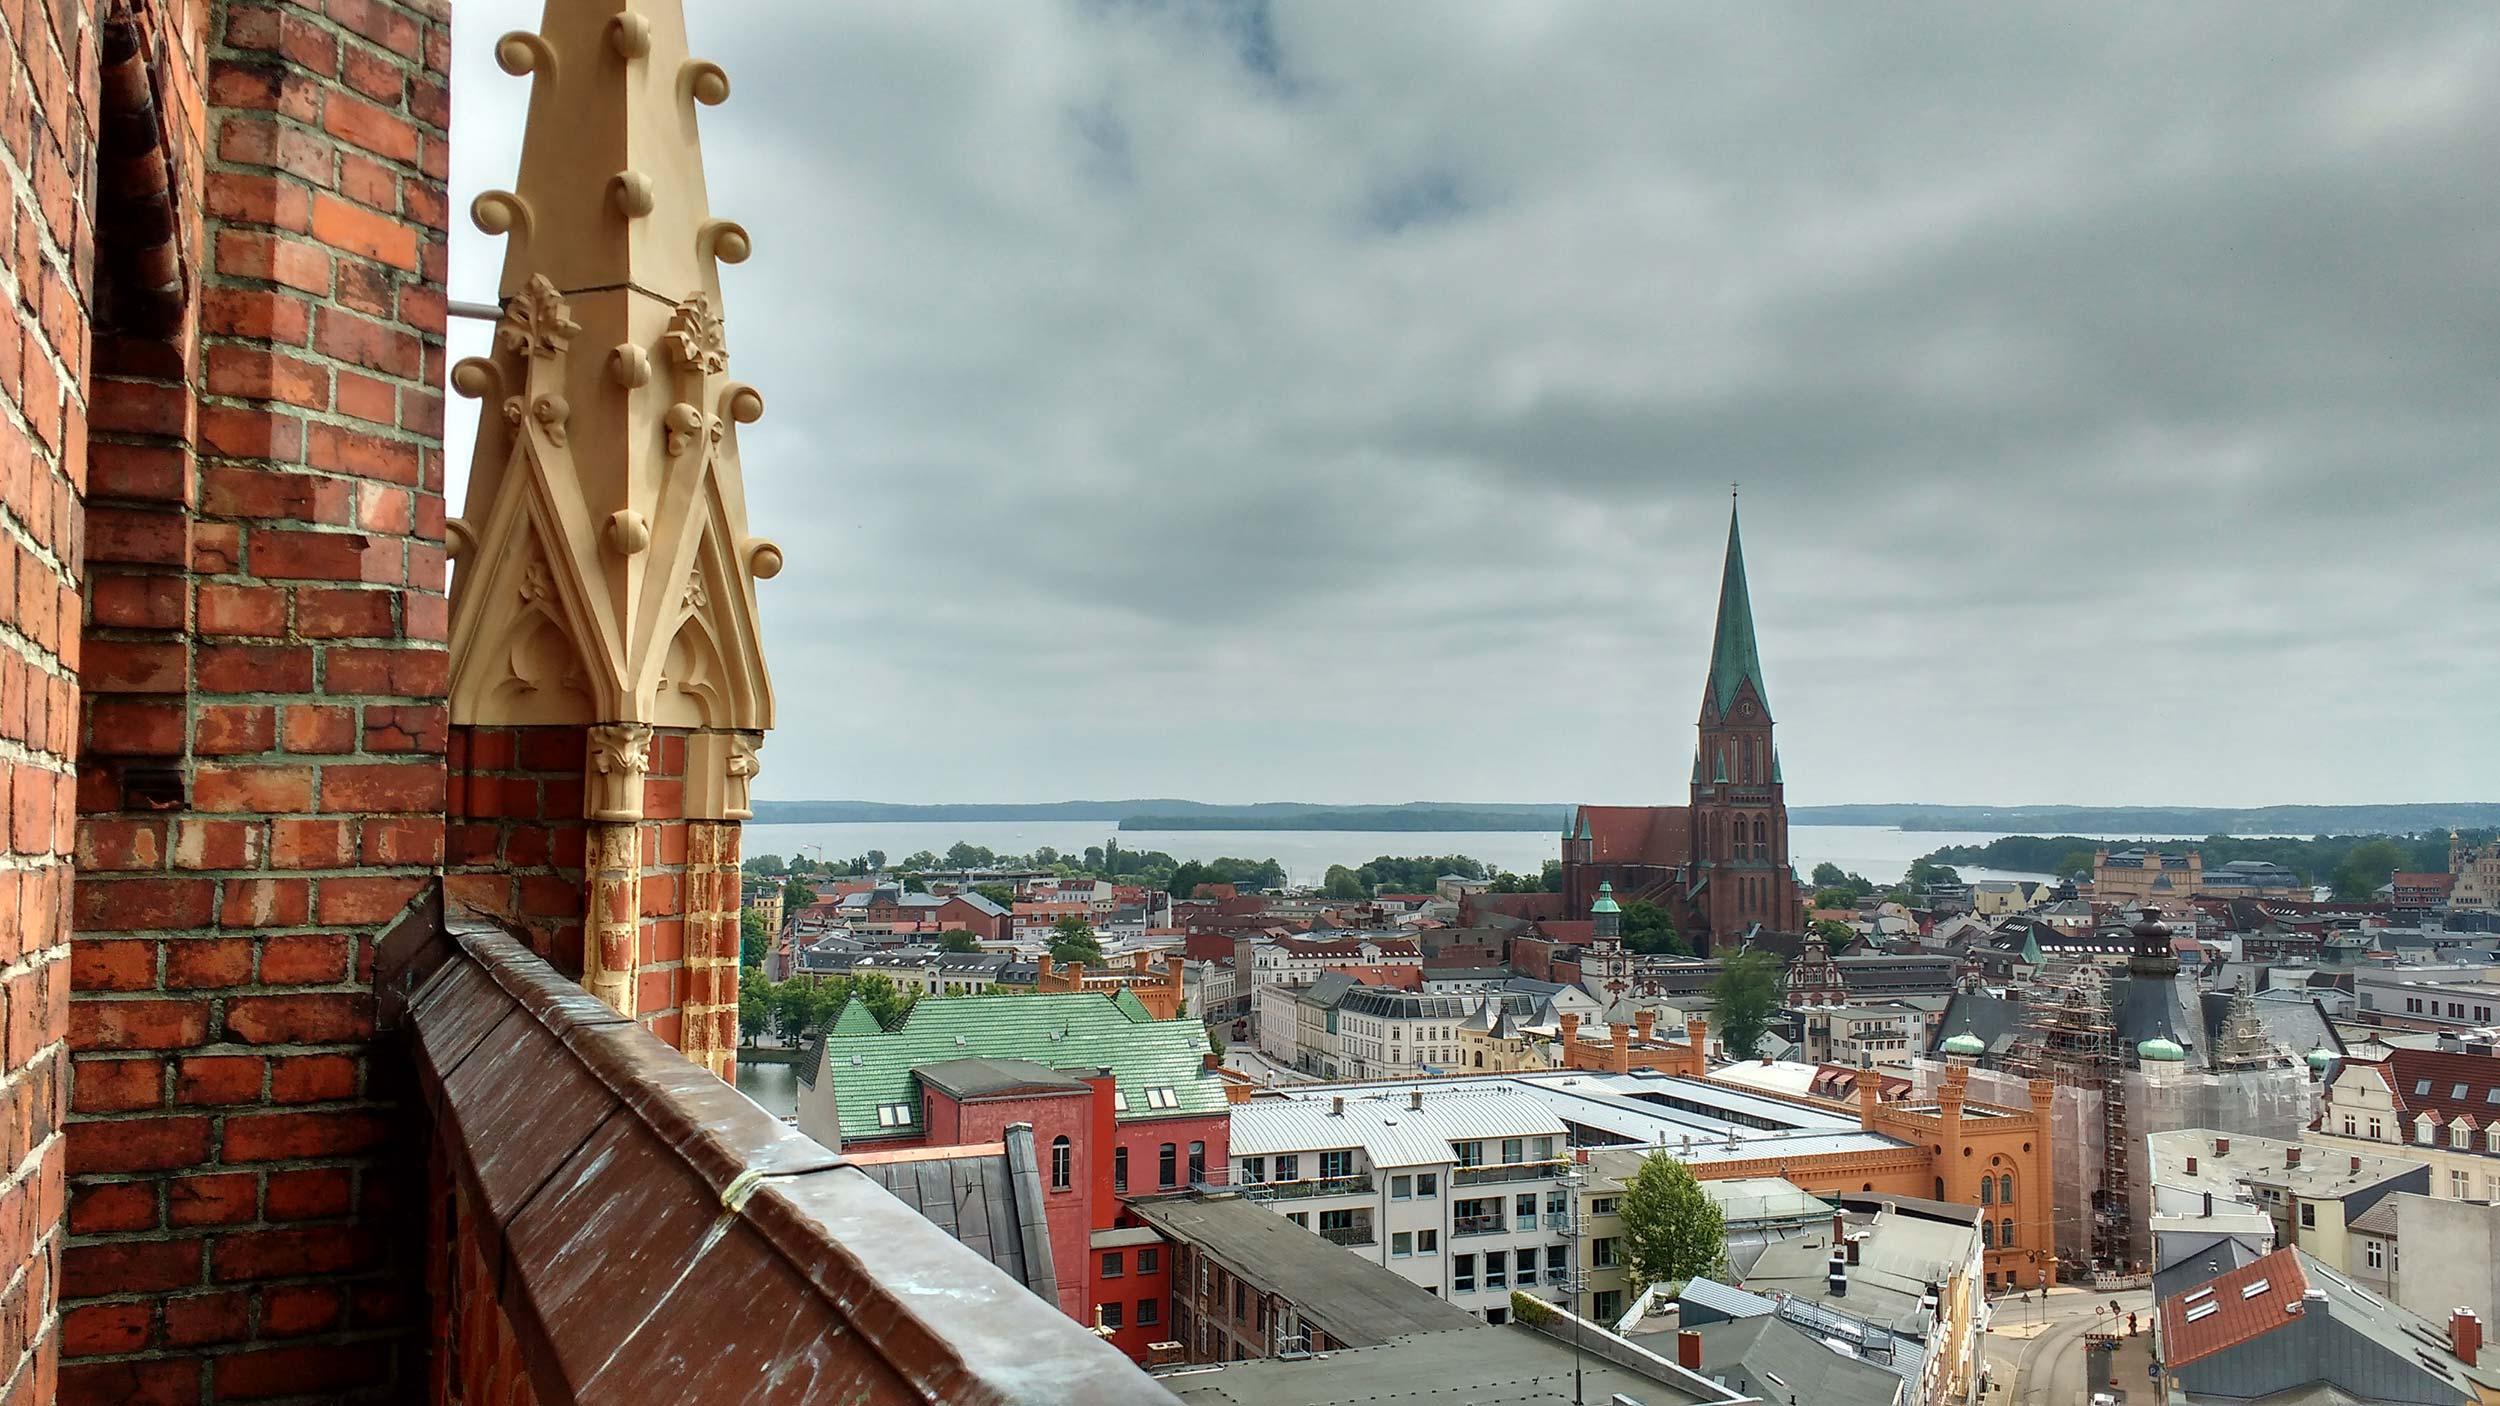 Die Landeshauptstadt von Mecklenburg-Vorpommern